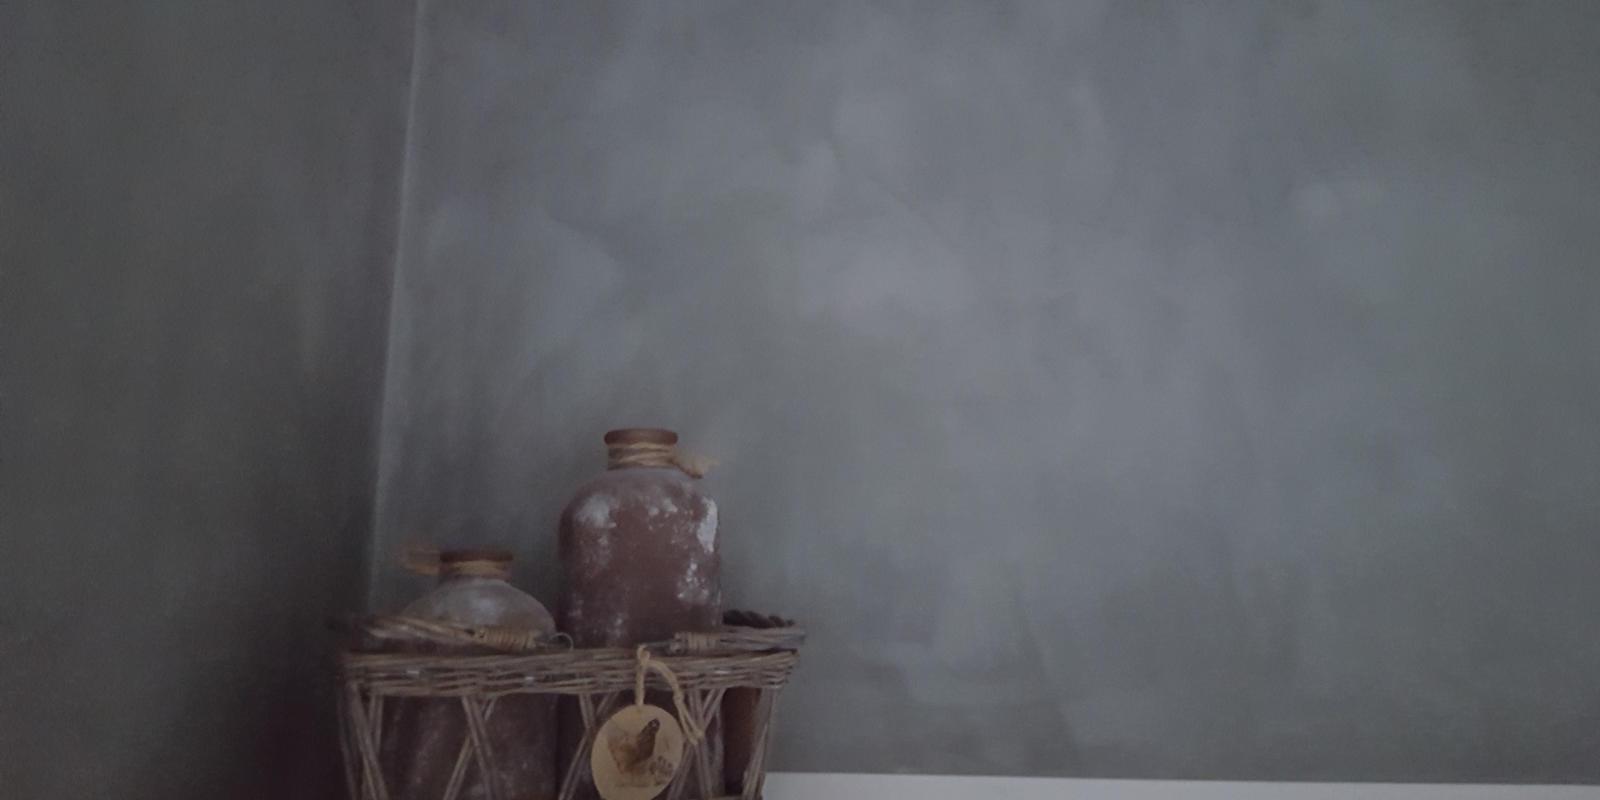 Betonlook verf kosten prijs betonlook wanden muren for Wat kost een huis schilderen